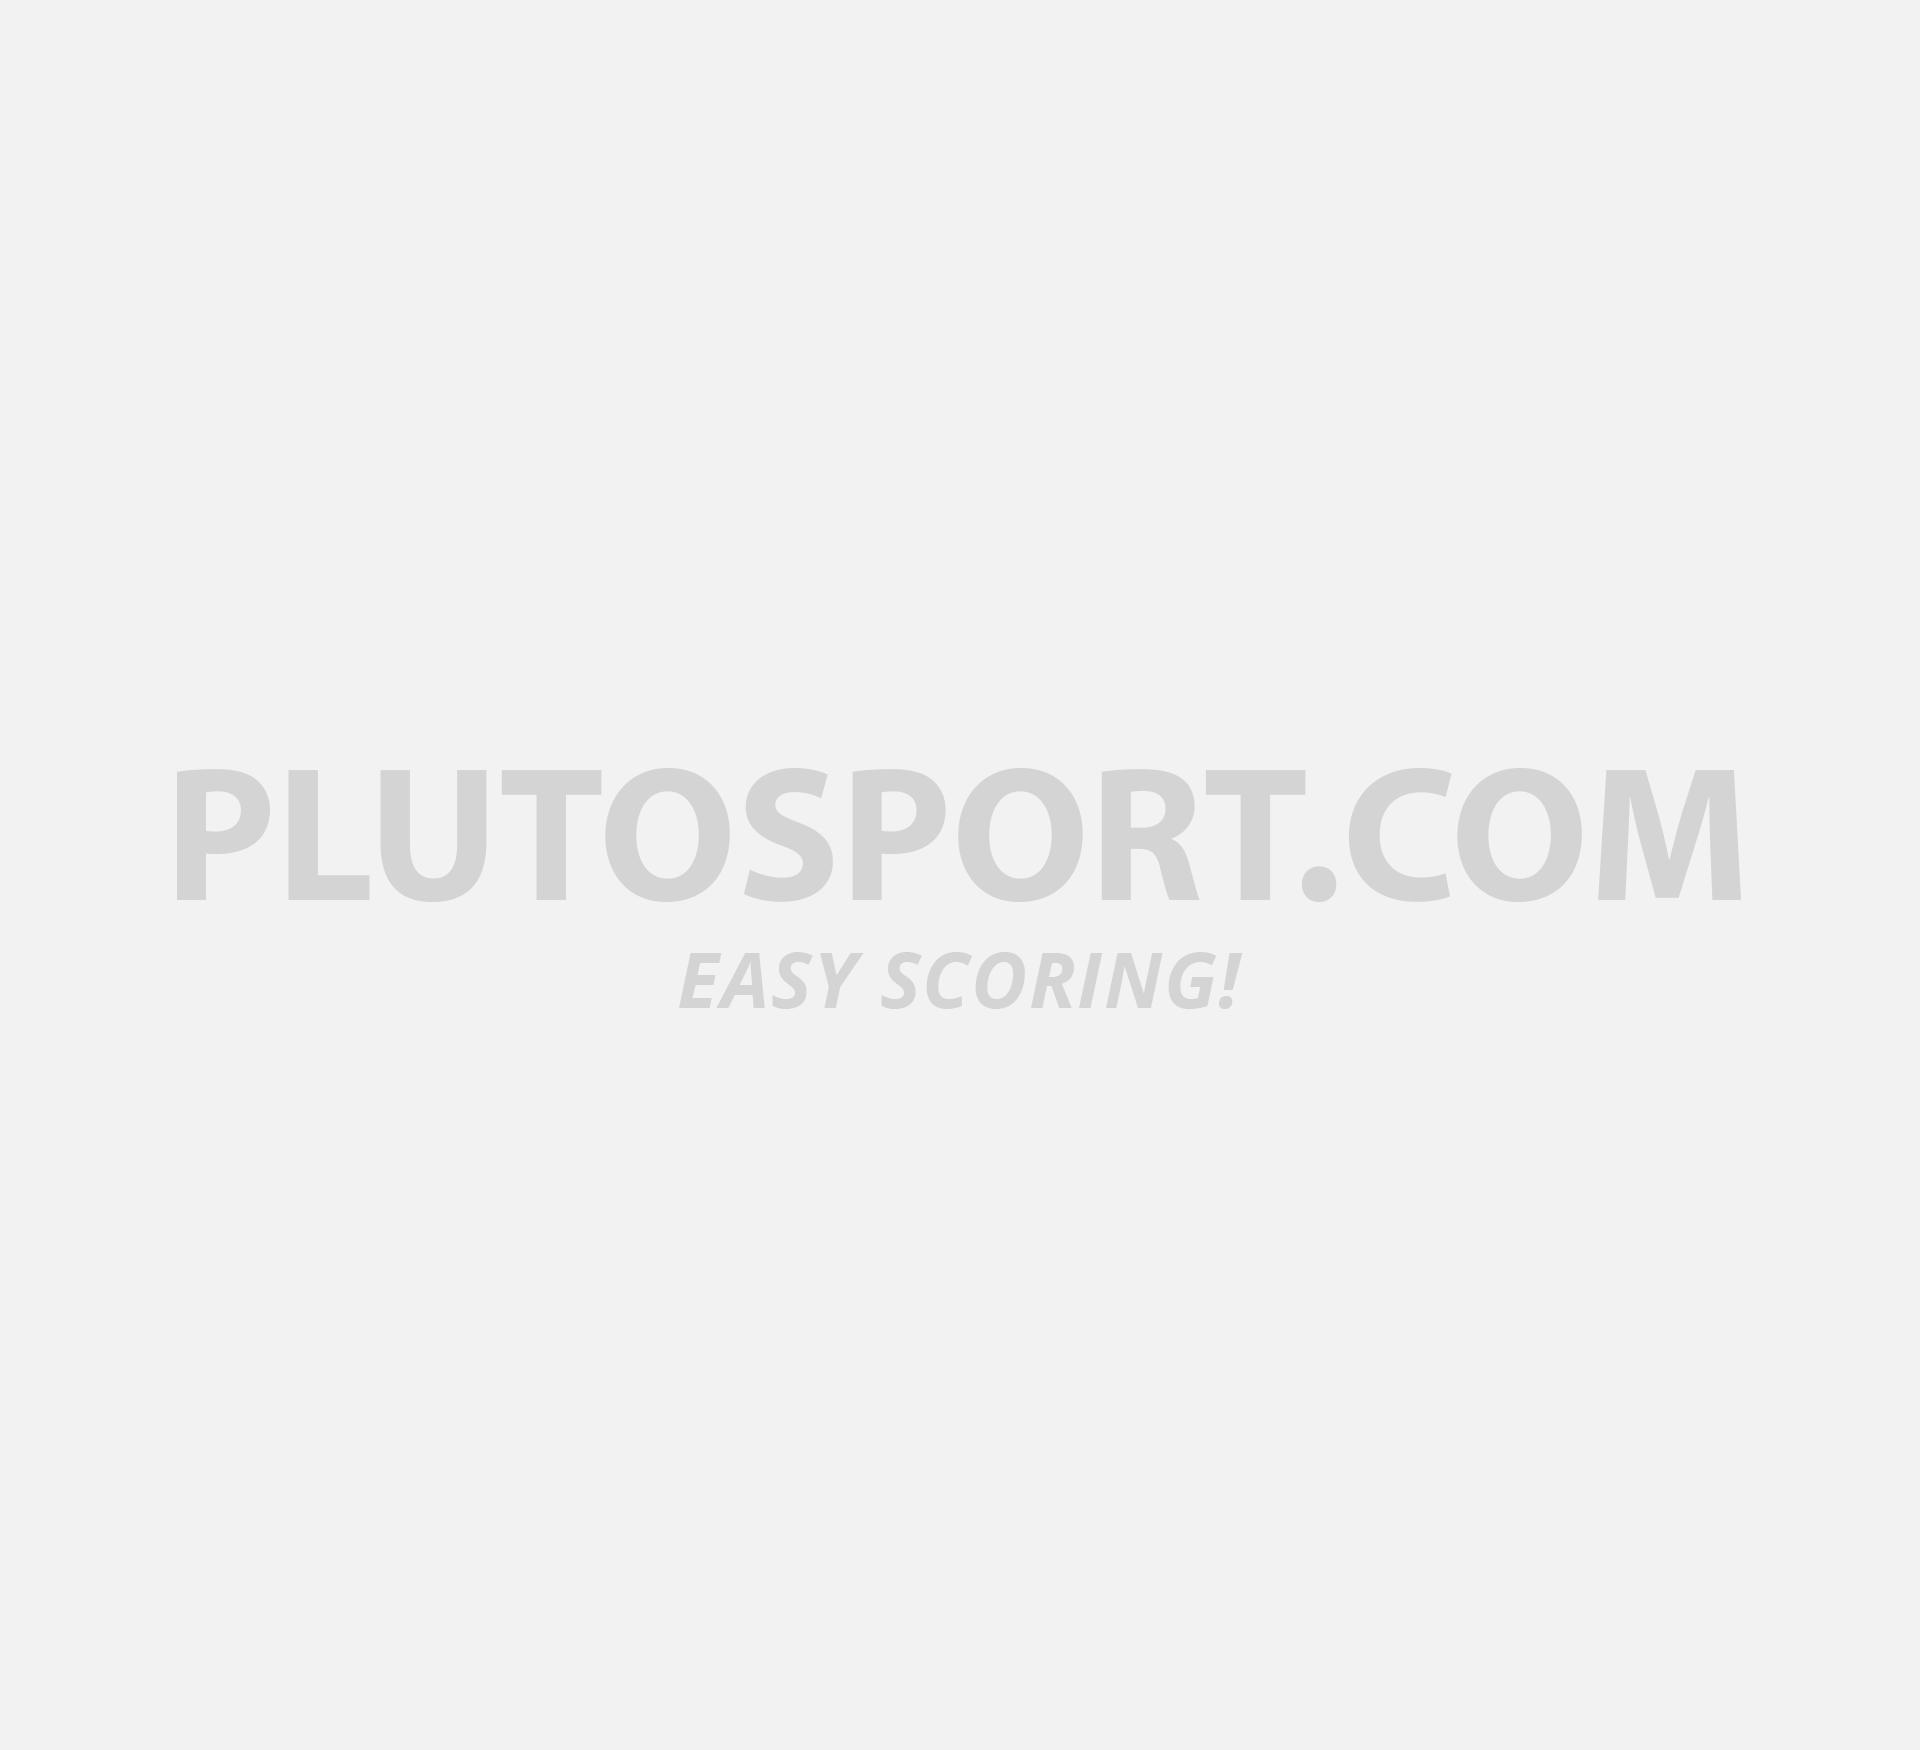 c0ccc212b Adidas 11Nova TRX TF football shoe junior - Turf shoes - Shoes - Football -  Sports